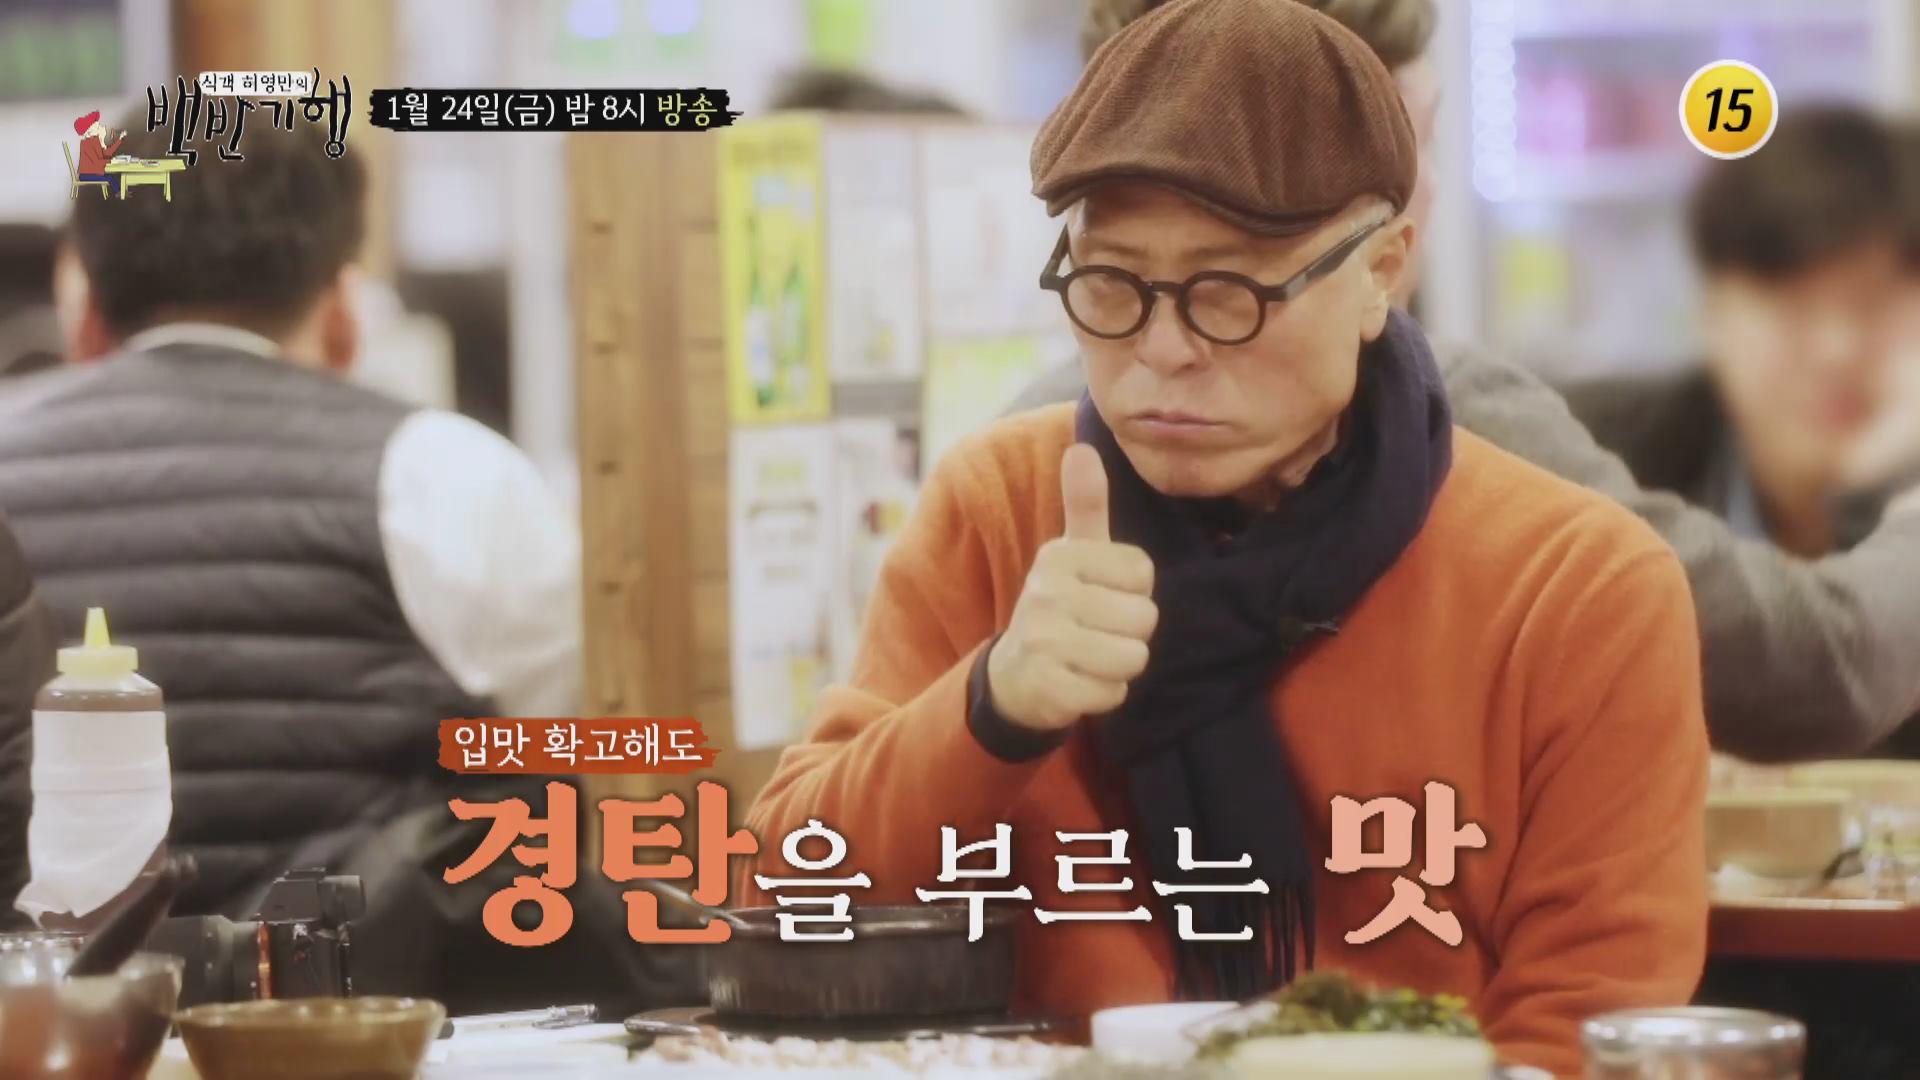 맛있는 터줏대감! 강남 신사동 밥상_허영만의 백반기행 35회 예고 이미지